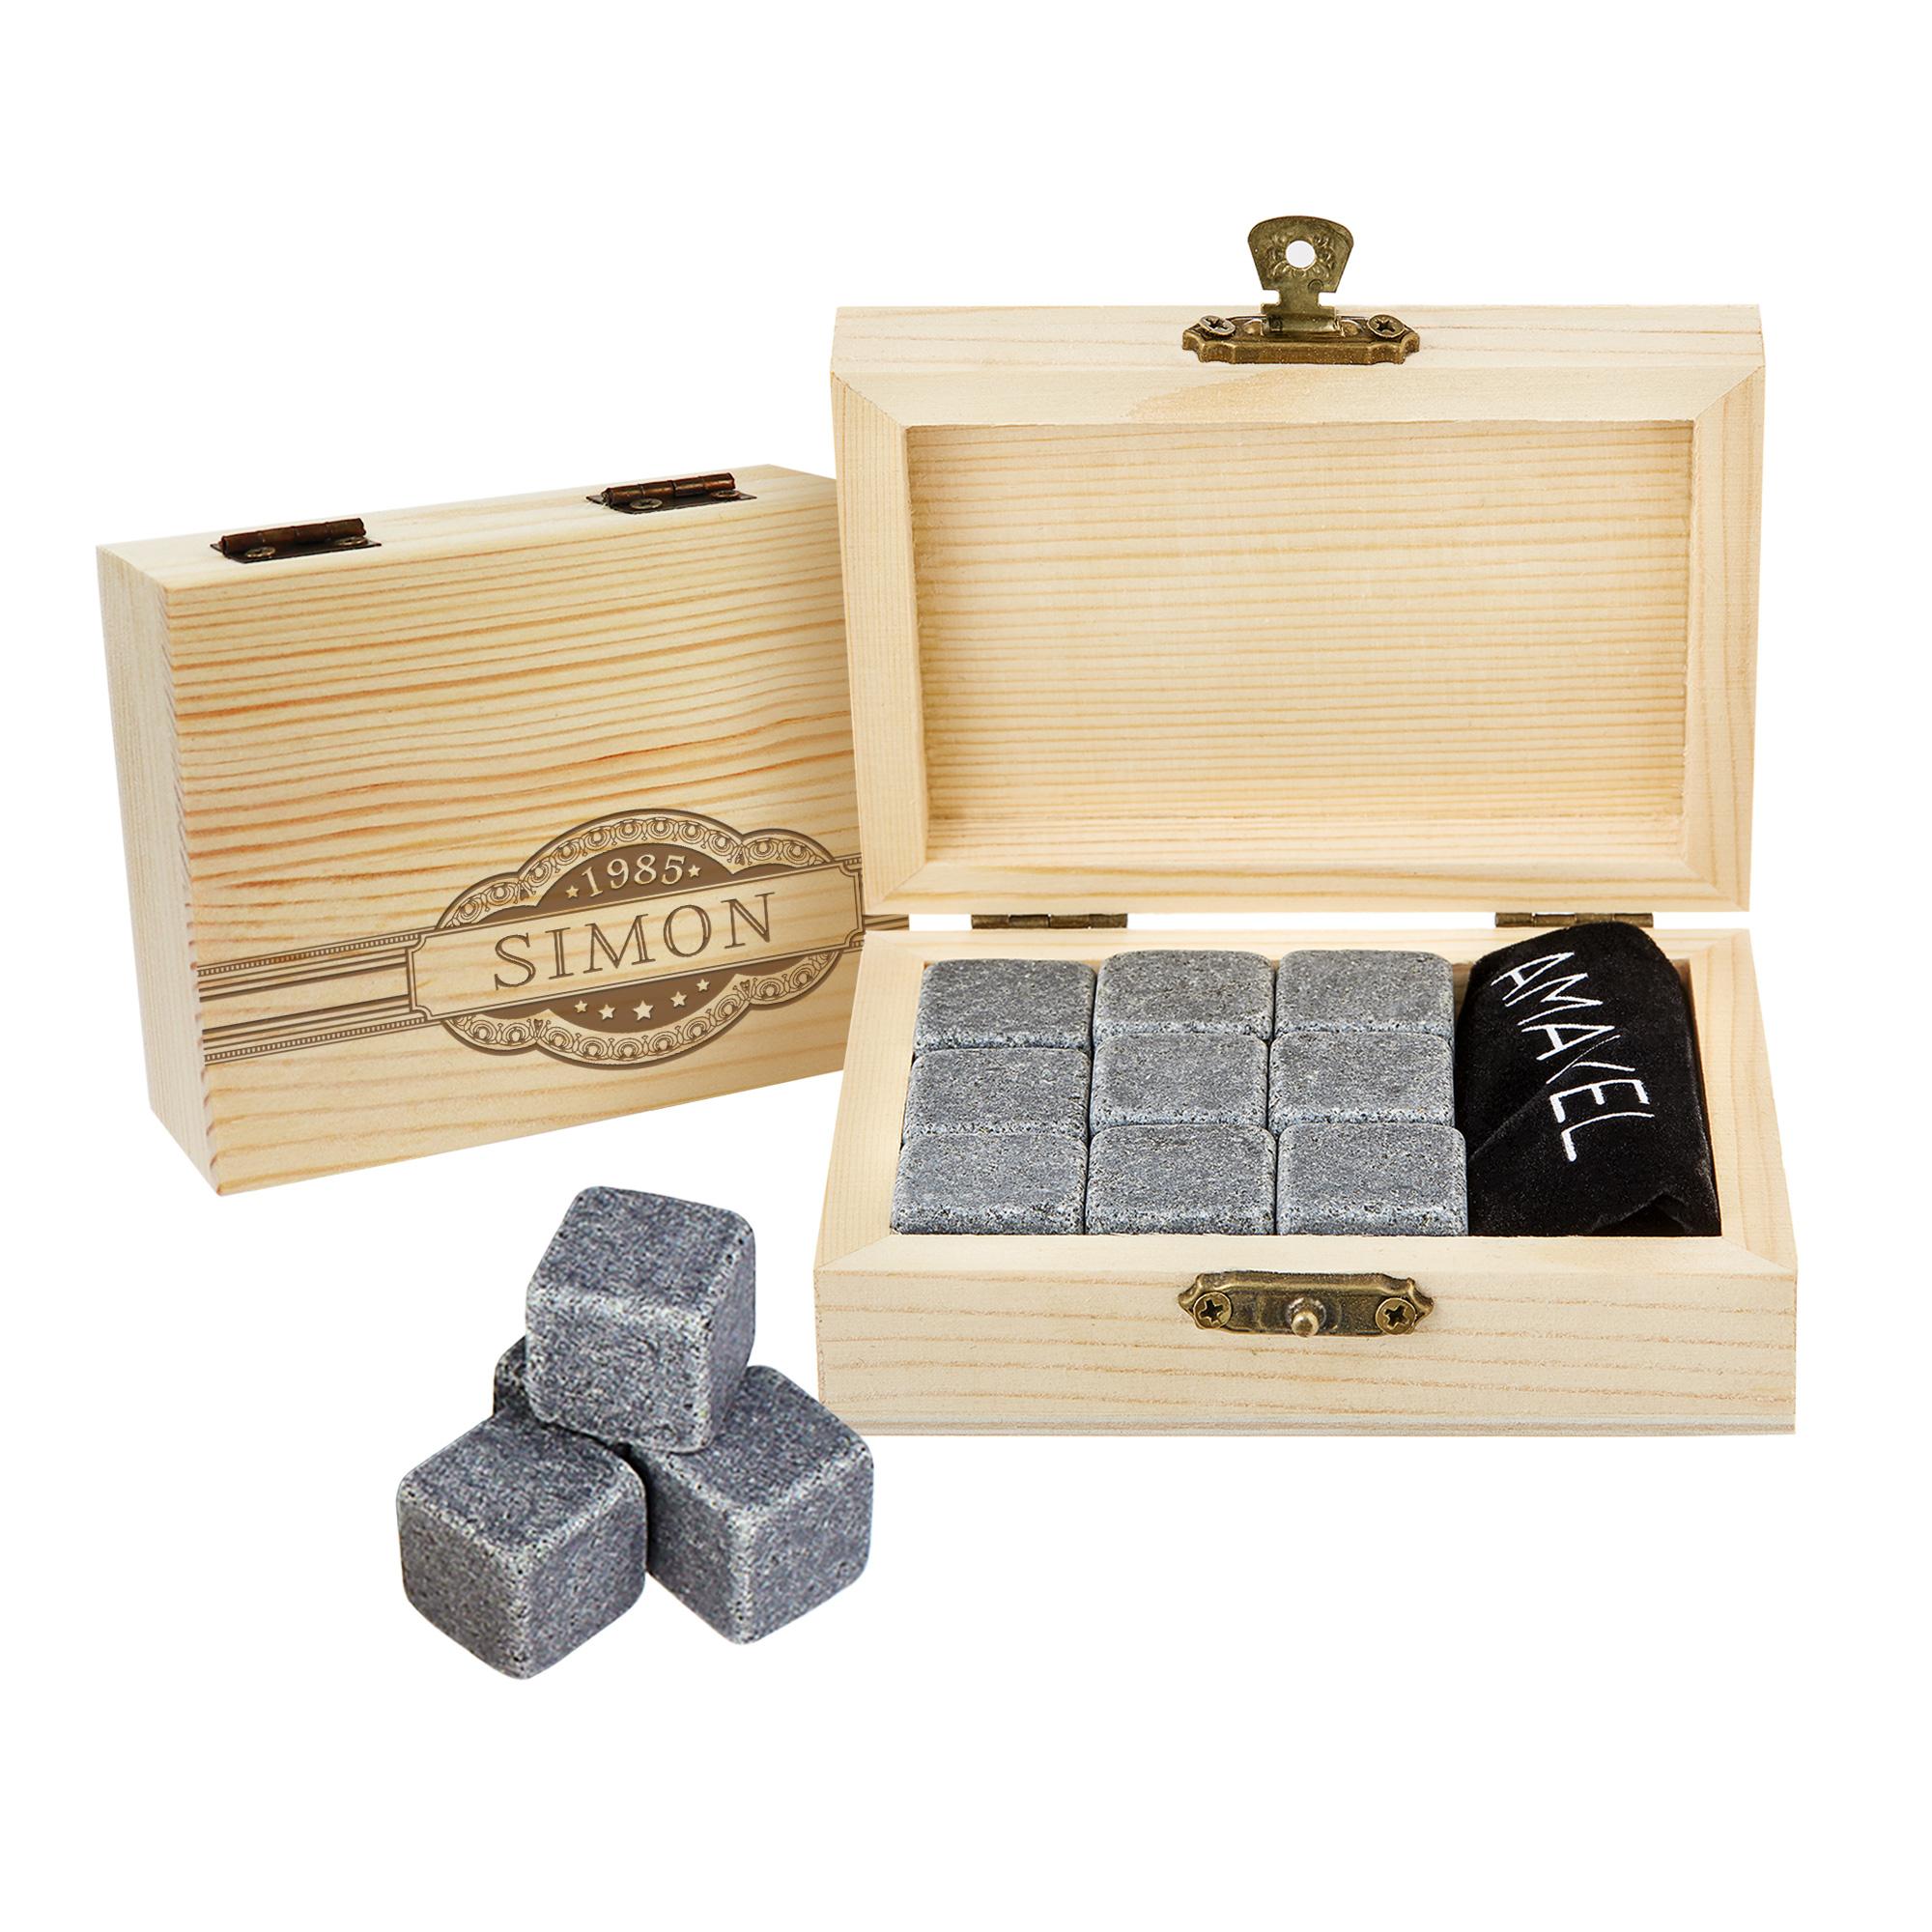 Whisky Steine in Holzkiste mit Gravur - Banderole - 2